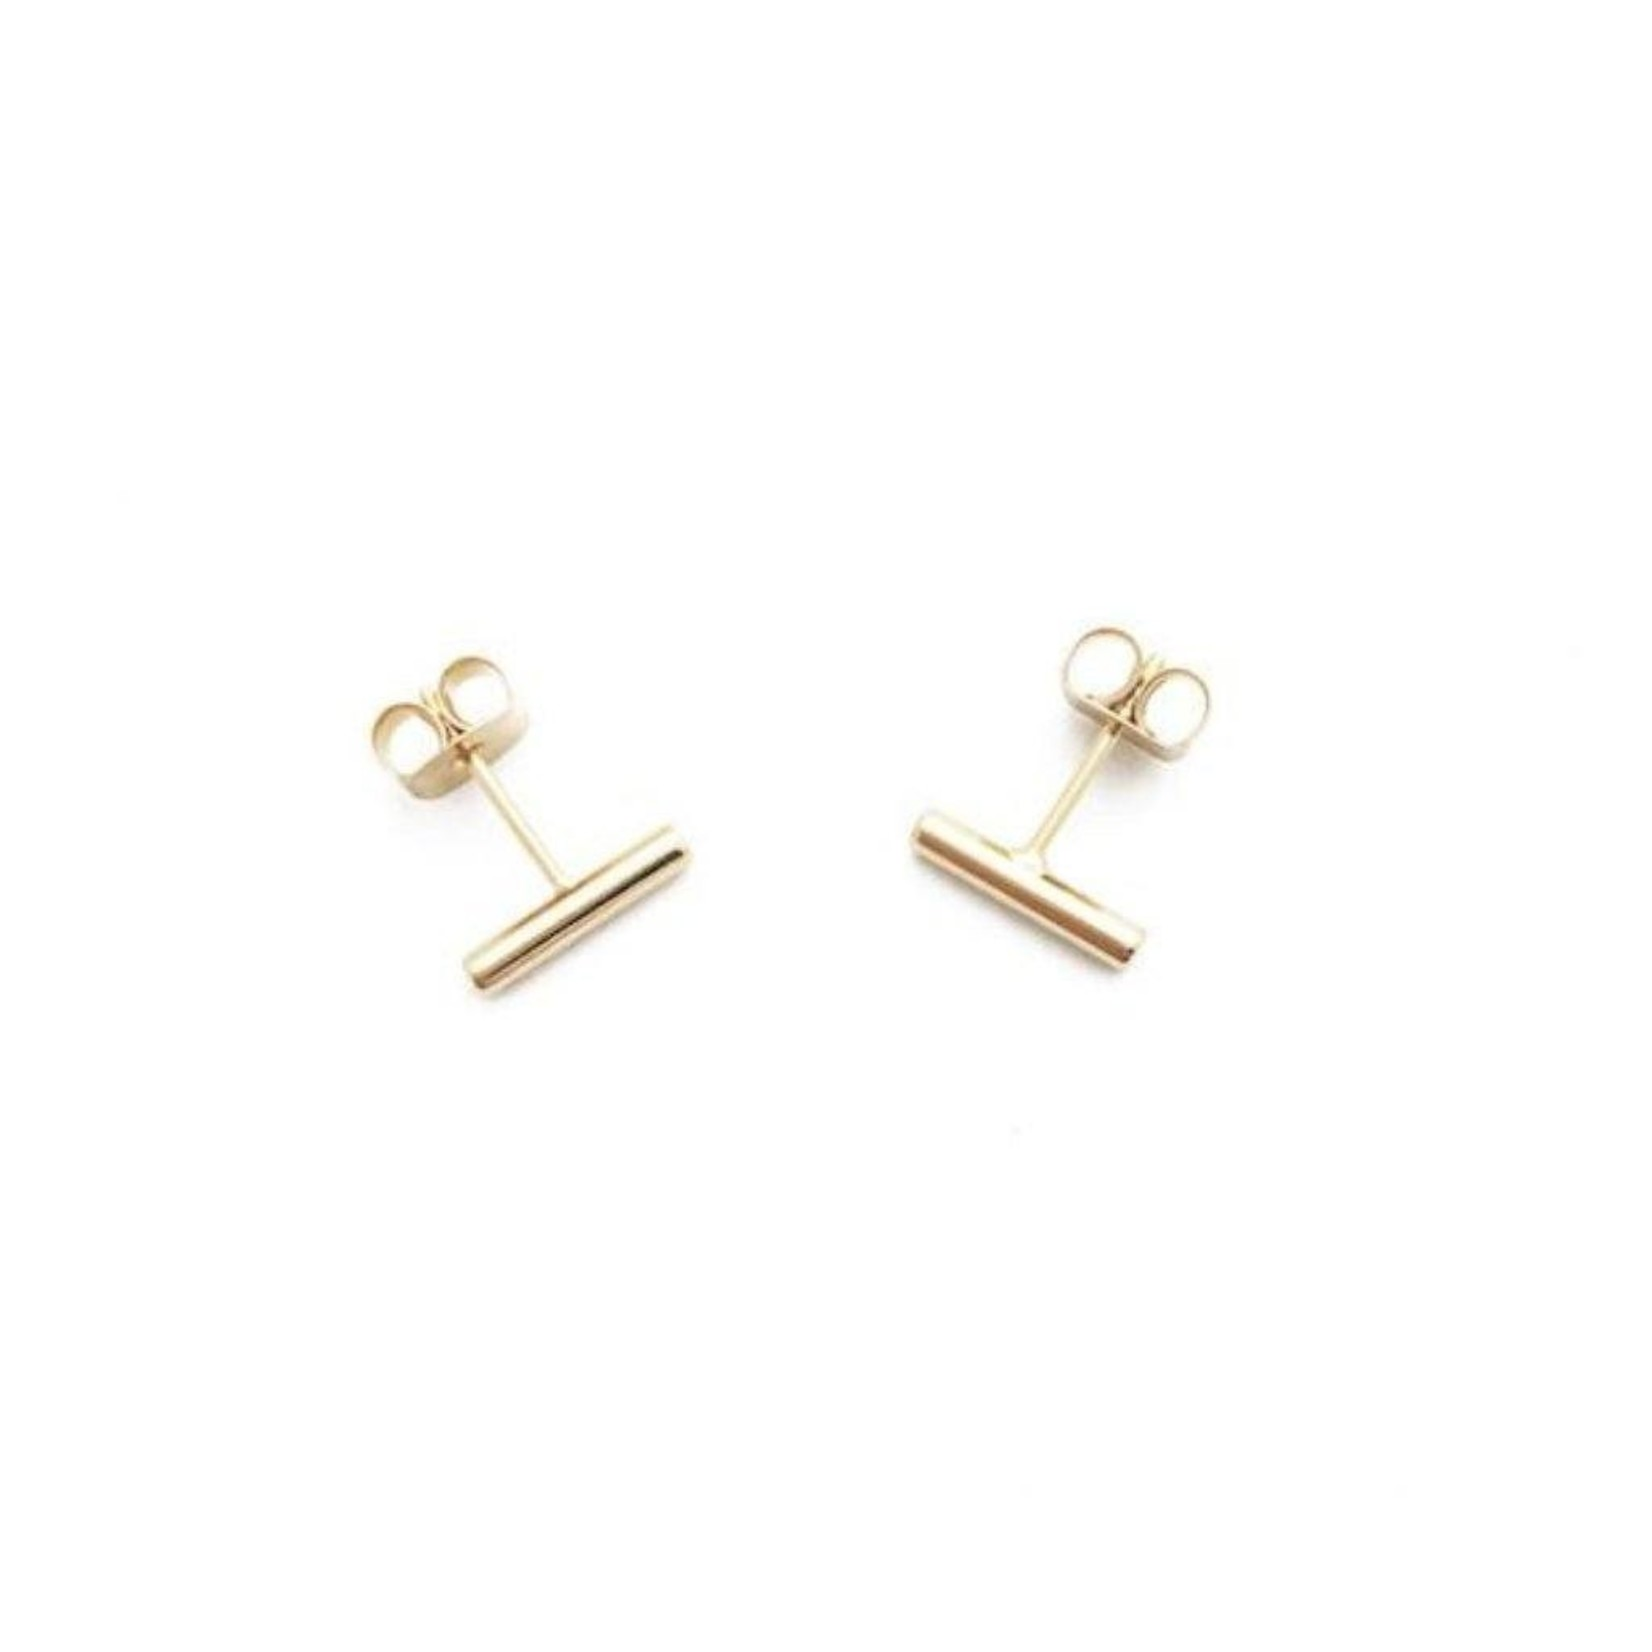 Honeycat Jewelry Honeycat Midi Round Bar Earring